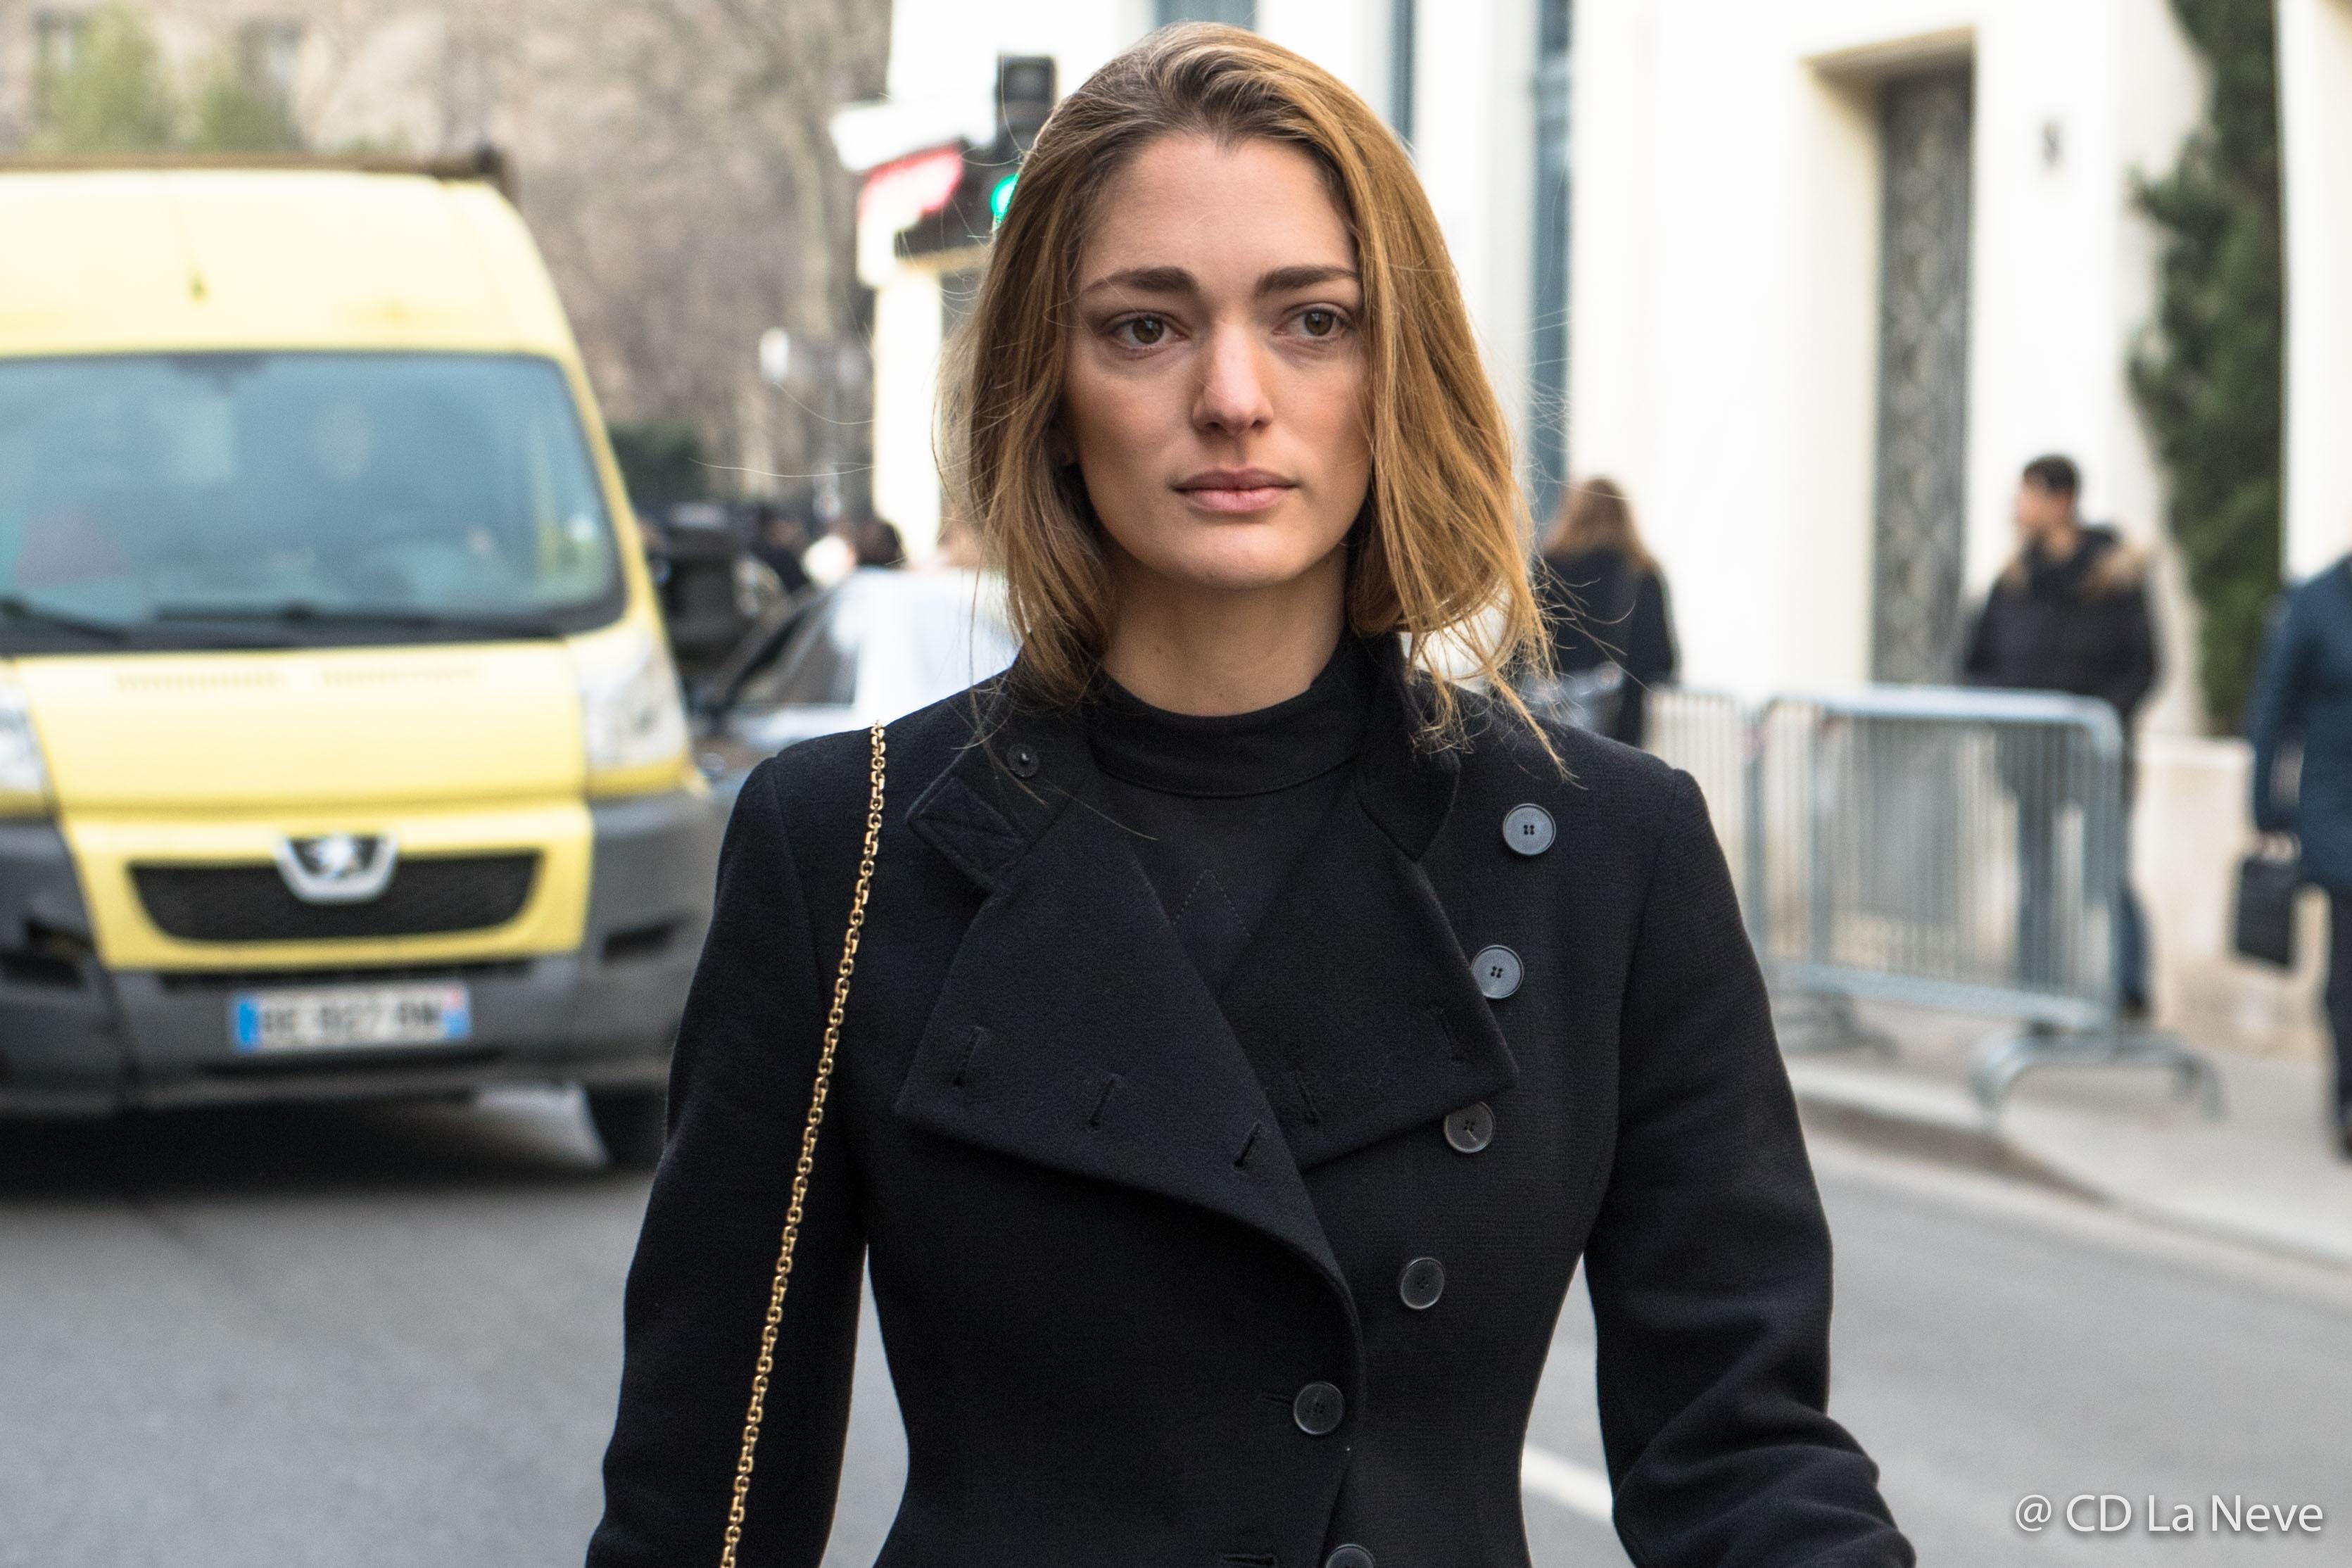 Sofia Sanchez de Betak Paris Haute Couture 2017 Street Style